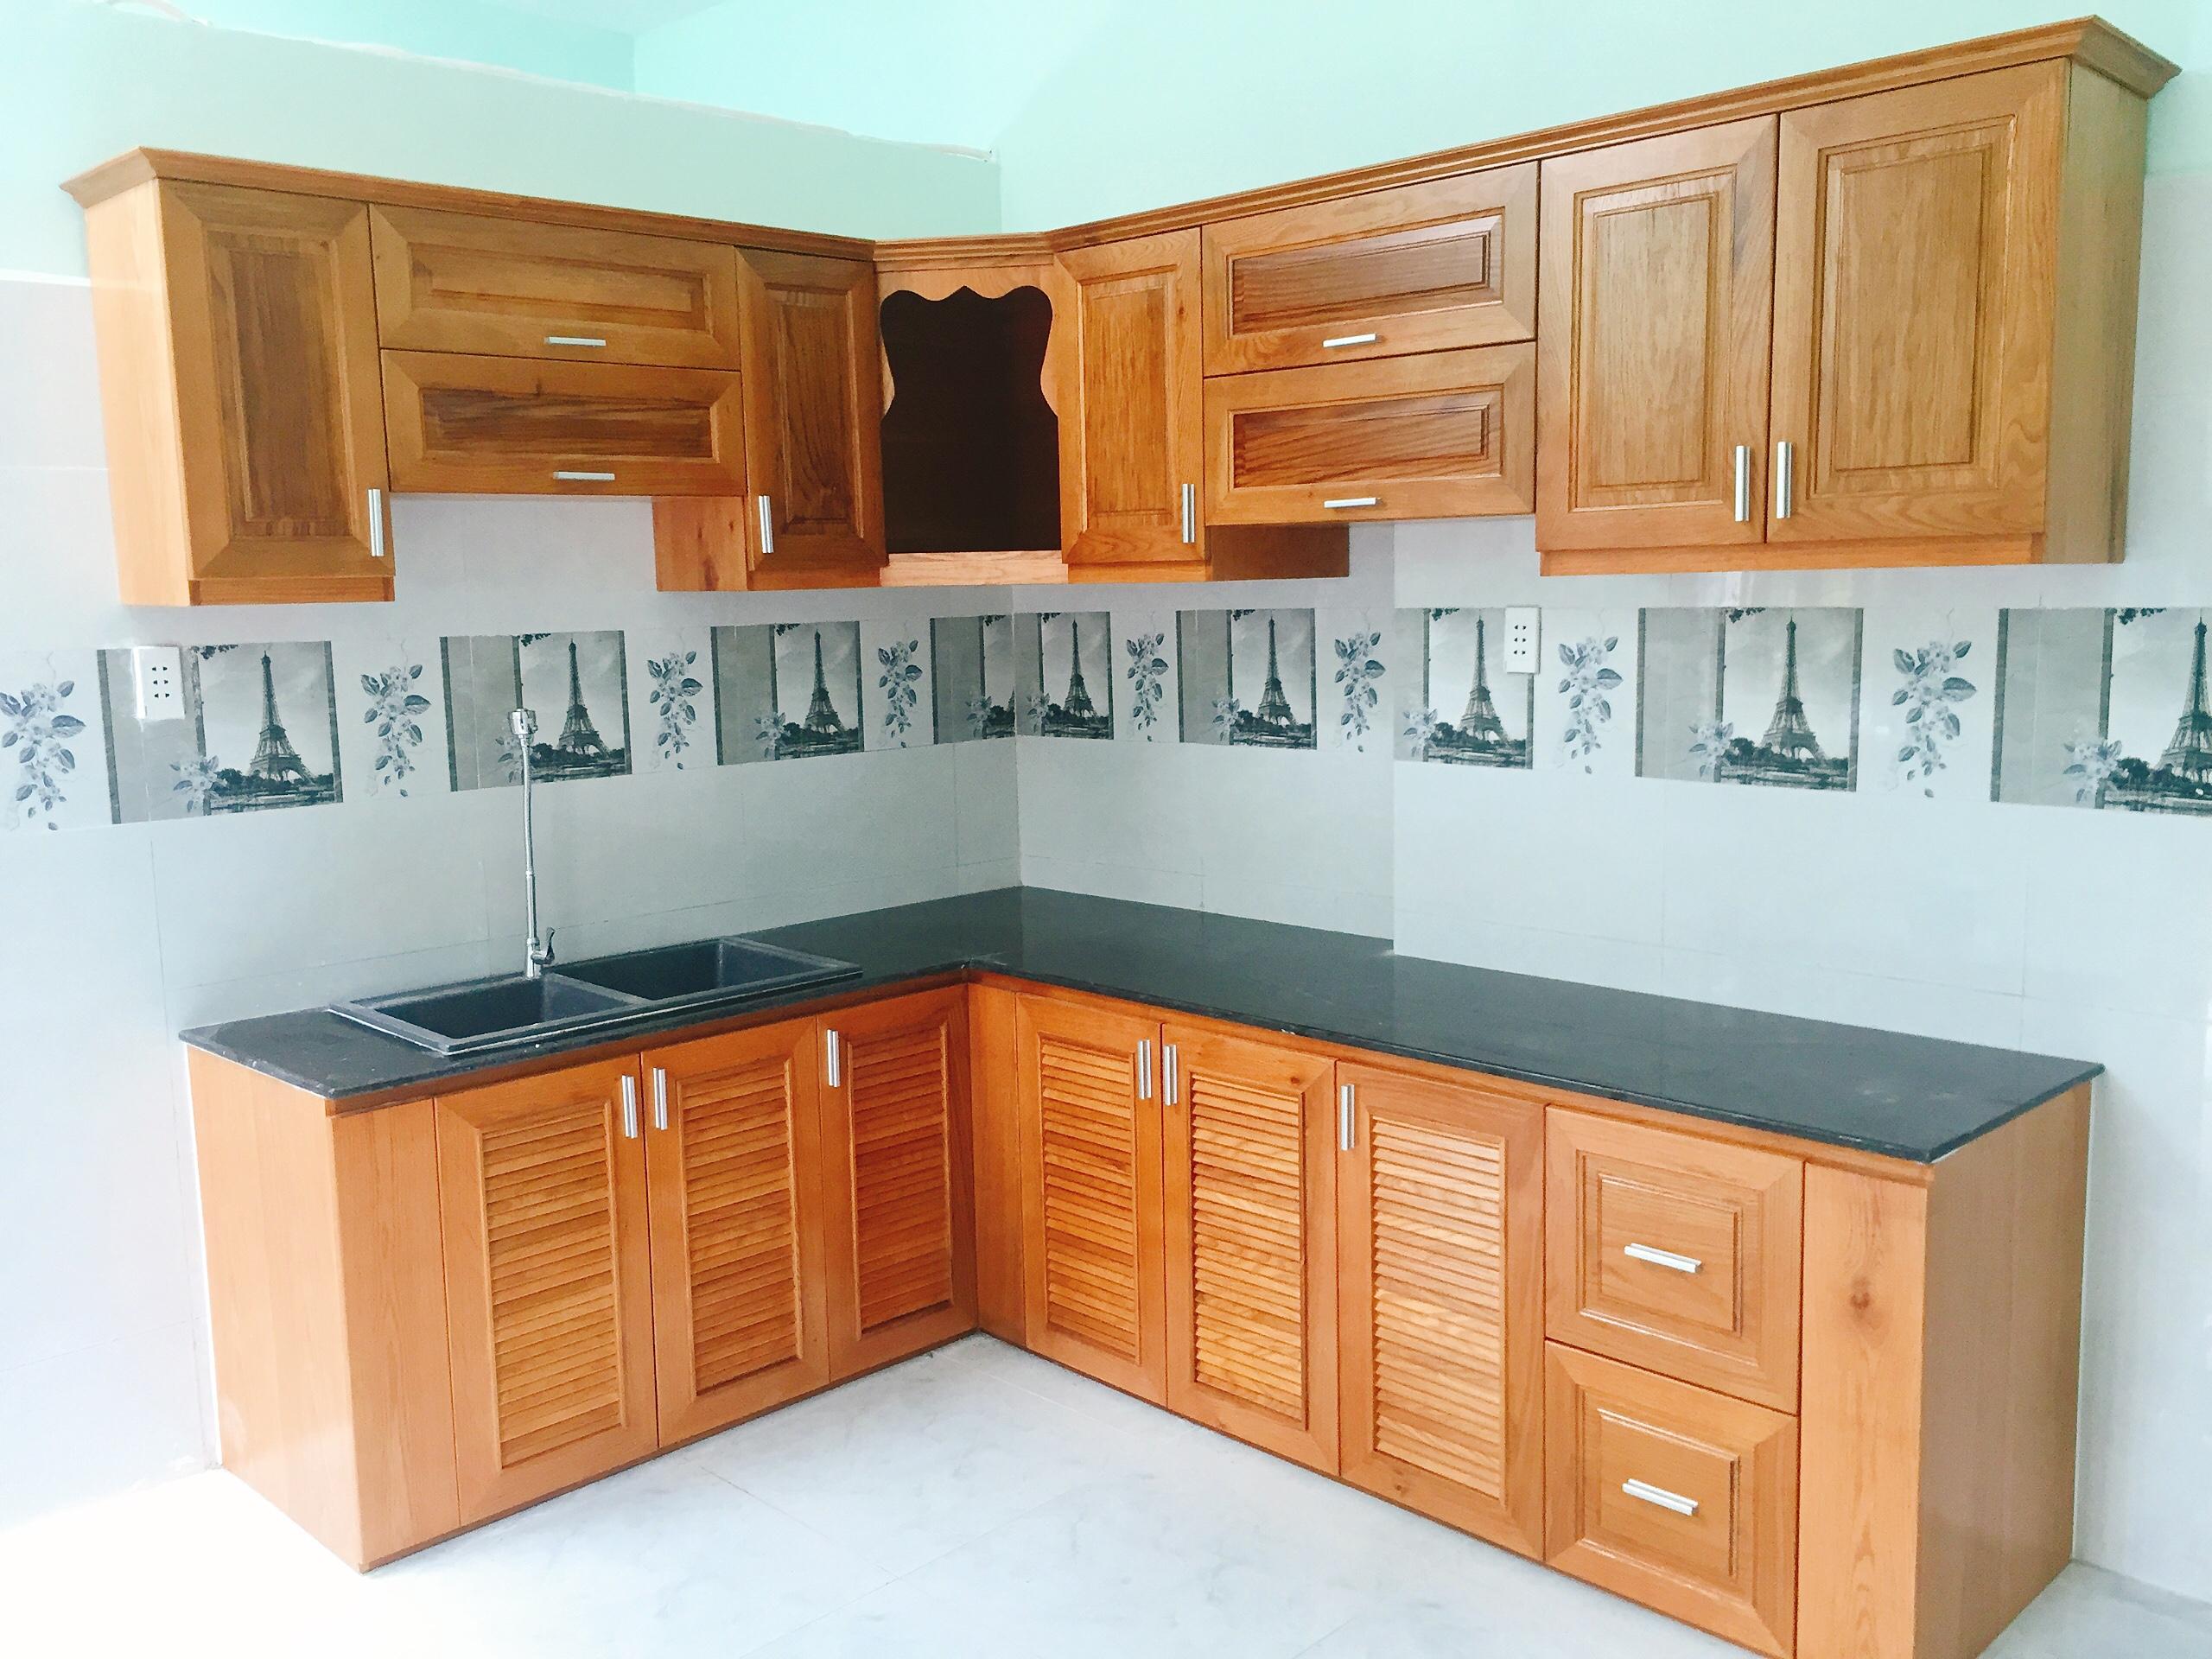 Tủ bếp gỗ sồi Mỹ tự nhiên thi công tại tphcm